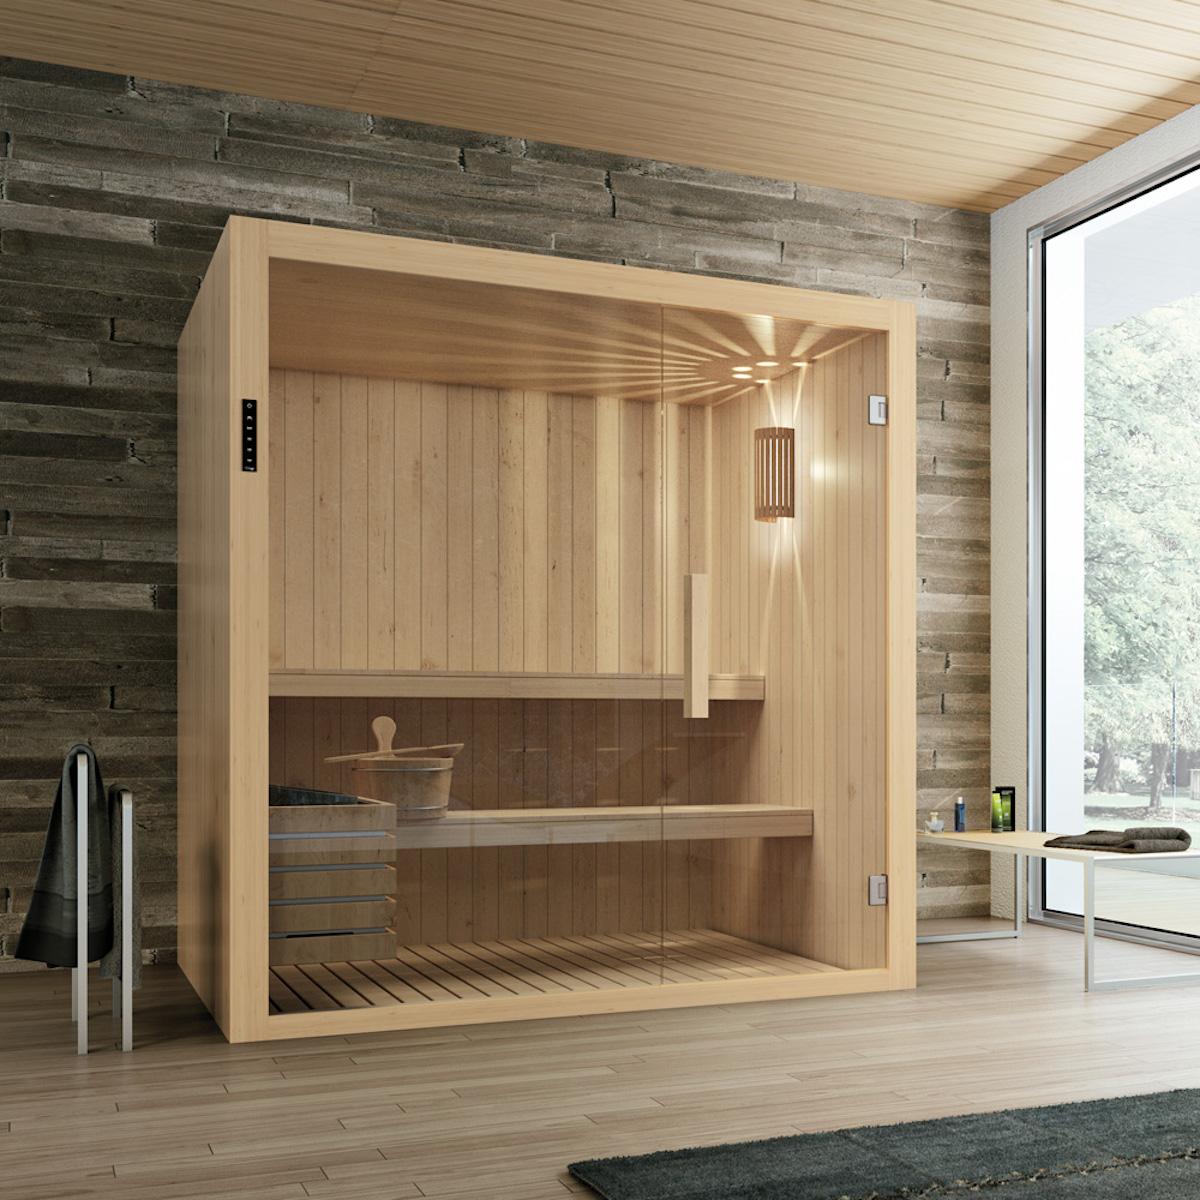 bienfait sauna salle de bains cabine antistress